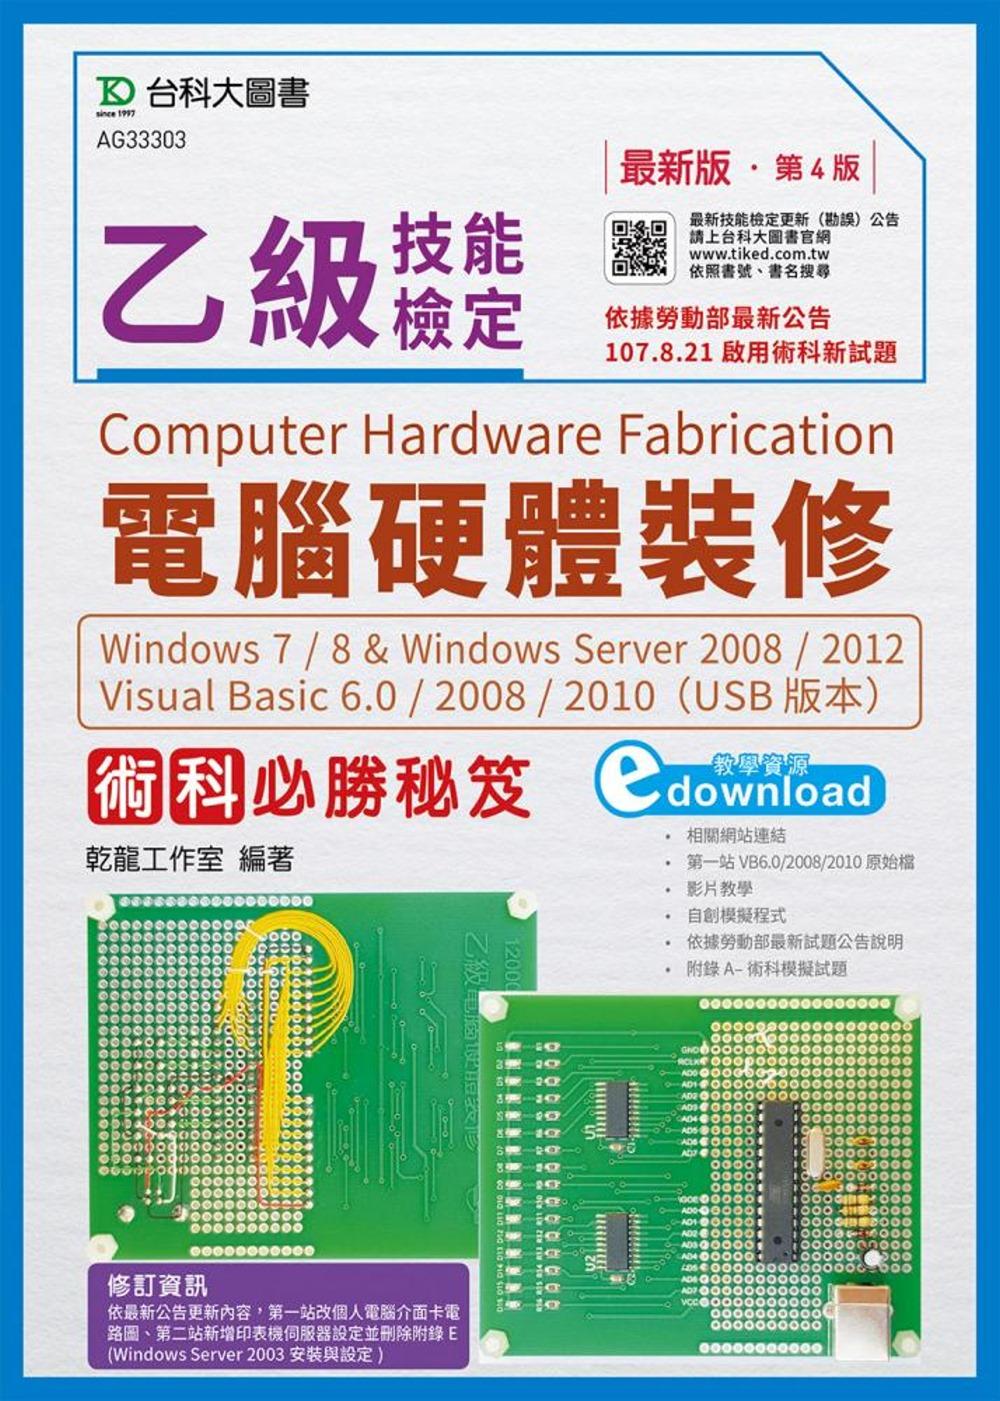 乙級電腦硬體裝修術科必勝秘笈Windows 7/8&Windows Server 2008/2012 Visual Basic 6.0/2008/2010(USB版本)附術科多媒體教學光碟 最新版(第四版)